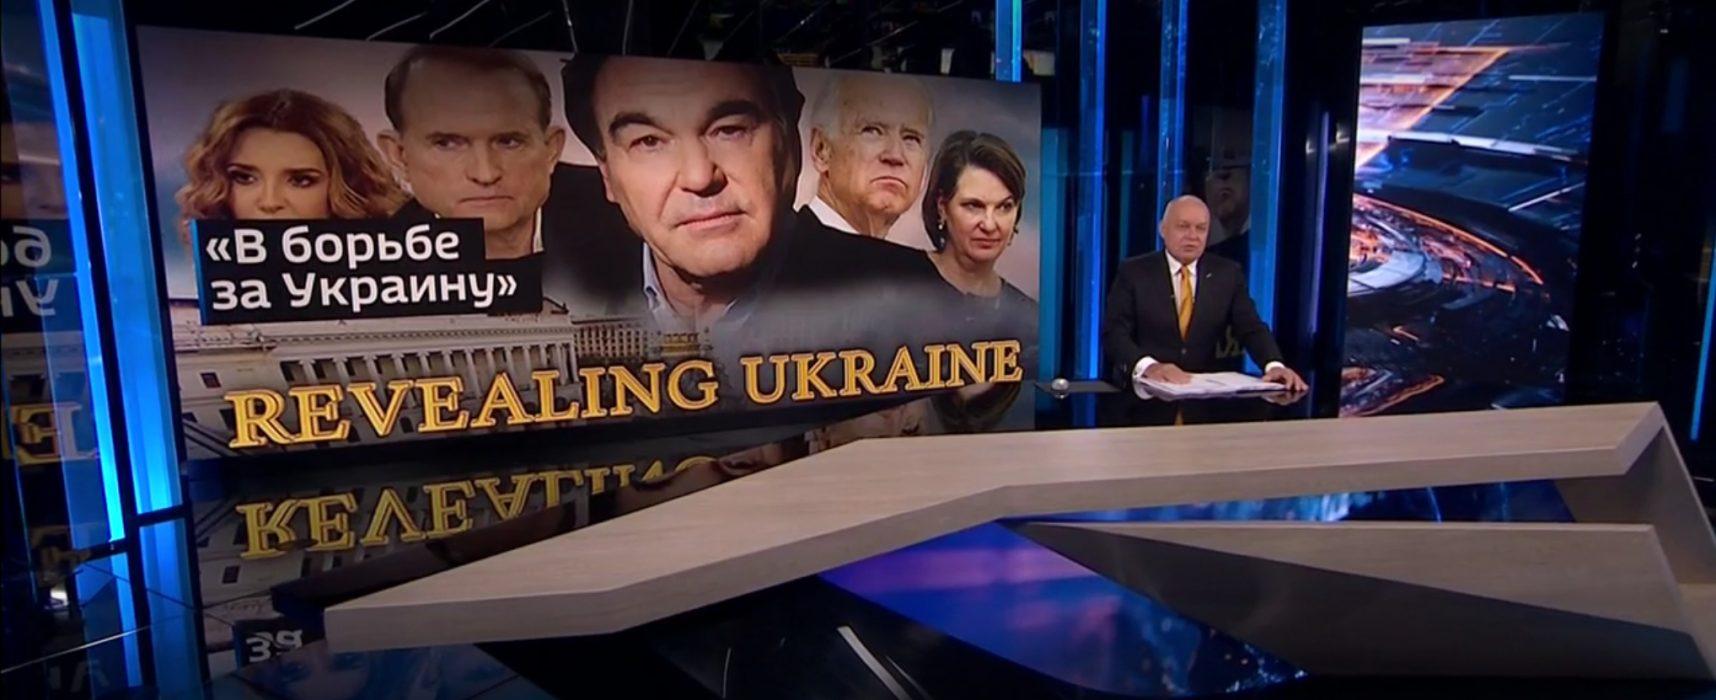 Фейк российских телеканалов: фильм Оливера Стоуна об Украине получил гран-при итальянского кинофестиваля